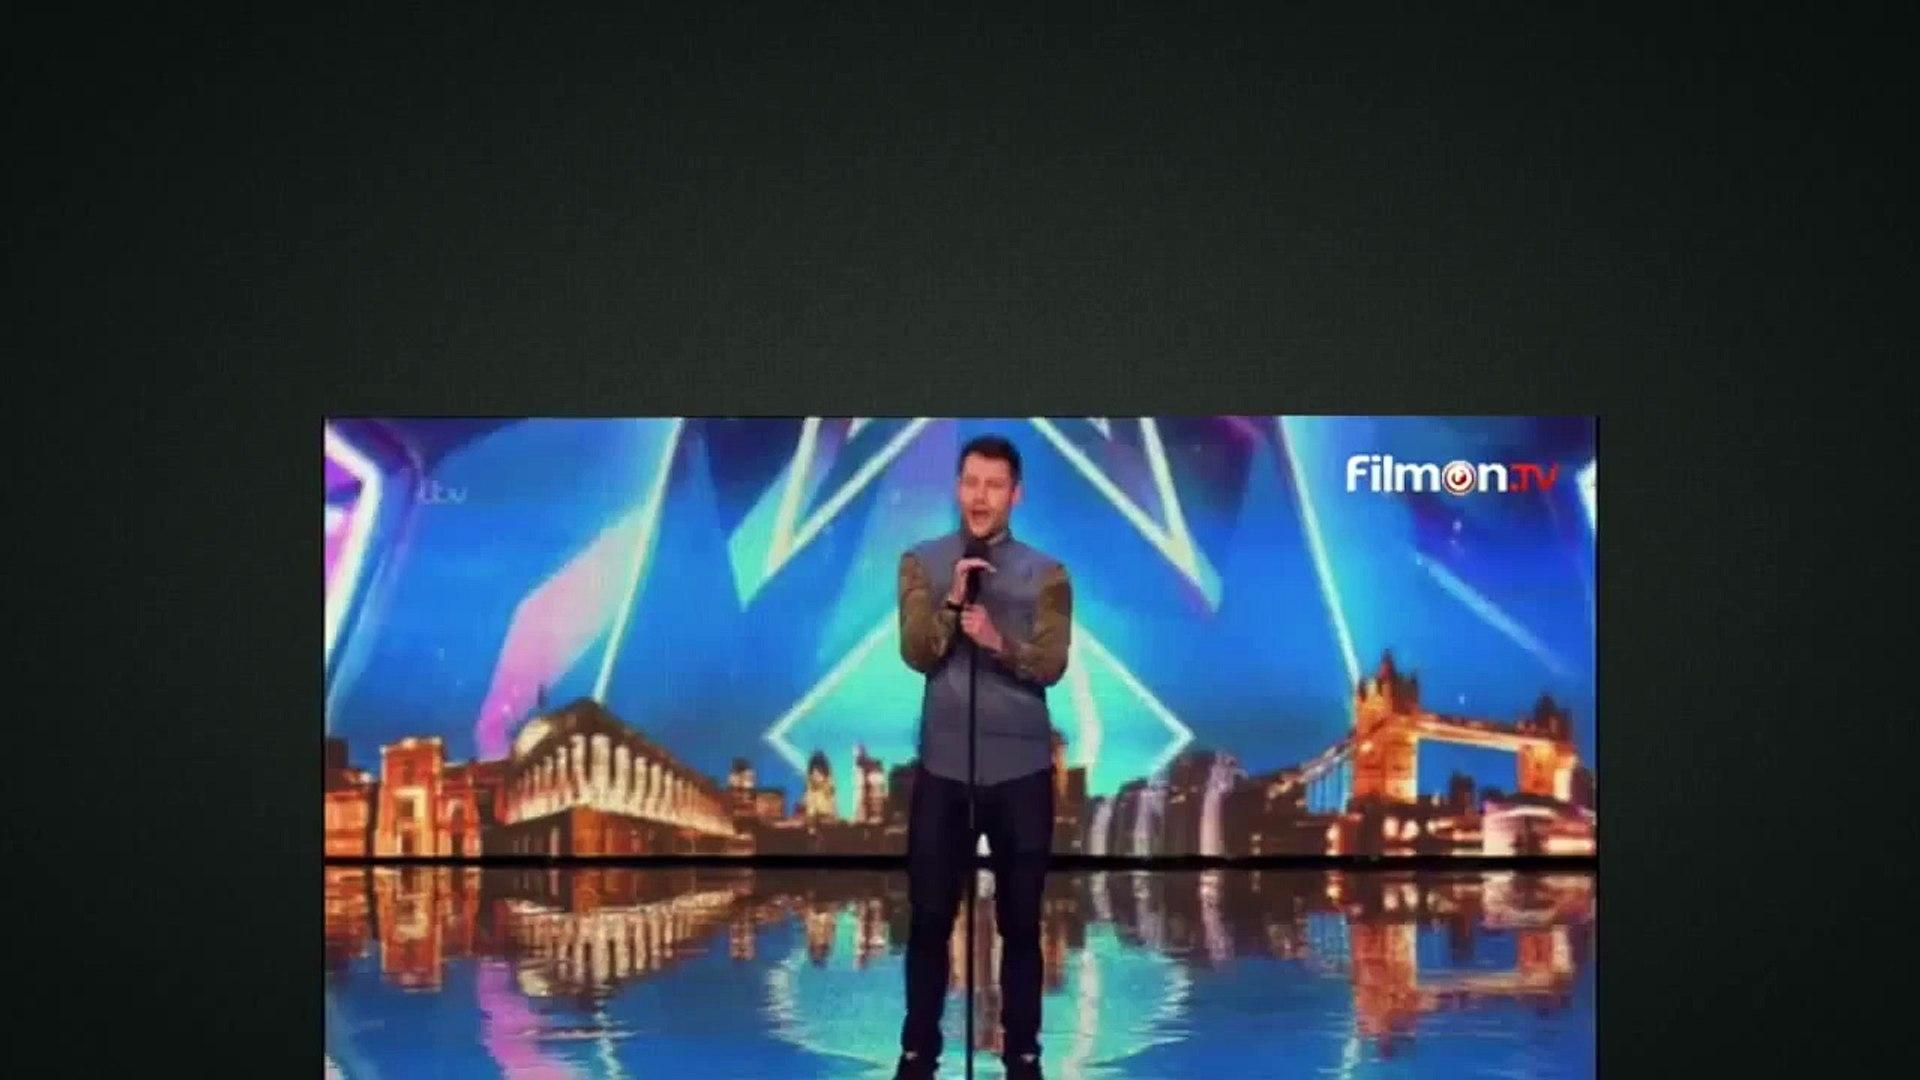 Britain's Got Talent Calum Scott Amazing Golden BUZZER (Plus Reactions) 11 April 2015